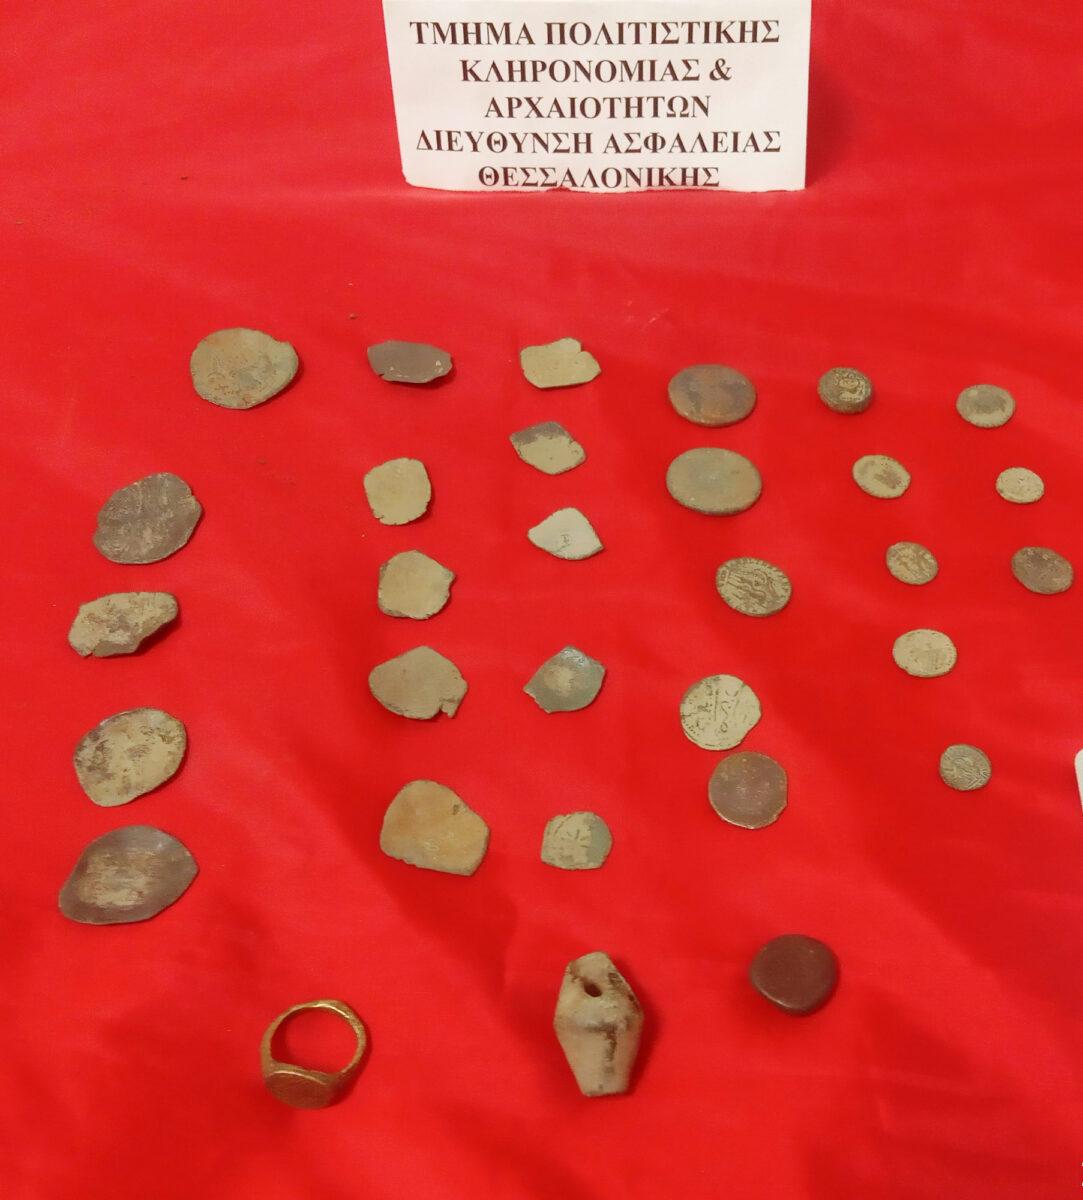 Τα αρχαία αντικείμενα που κατασχέθηκαν στο σπίτι ενός εκ των δραστών (φωτ.: Ελληνική Αστυνομία).